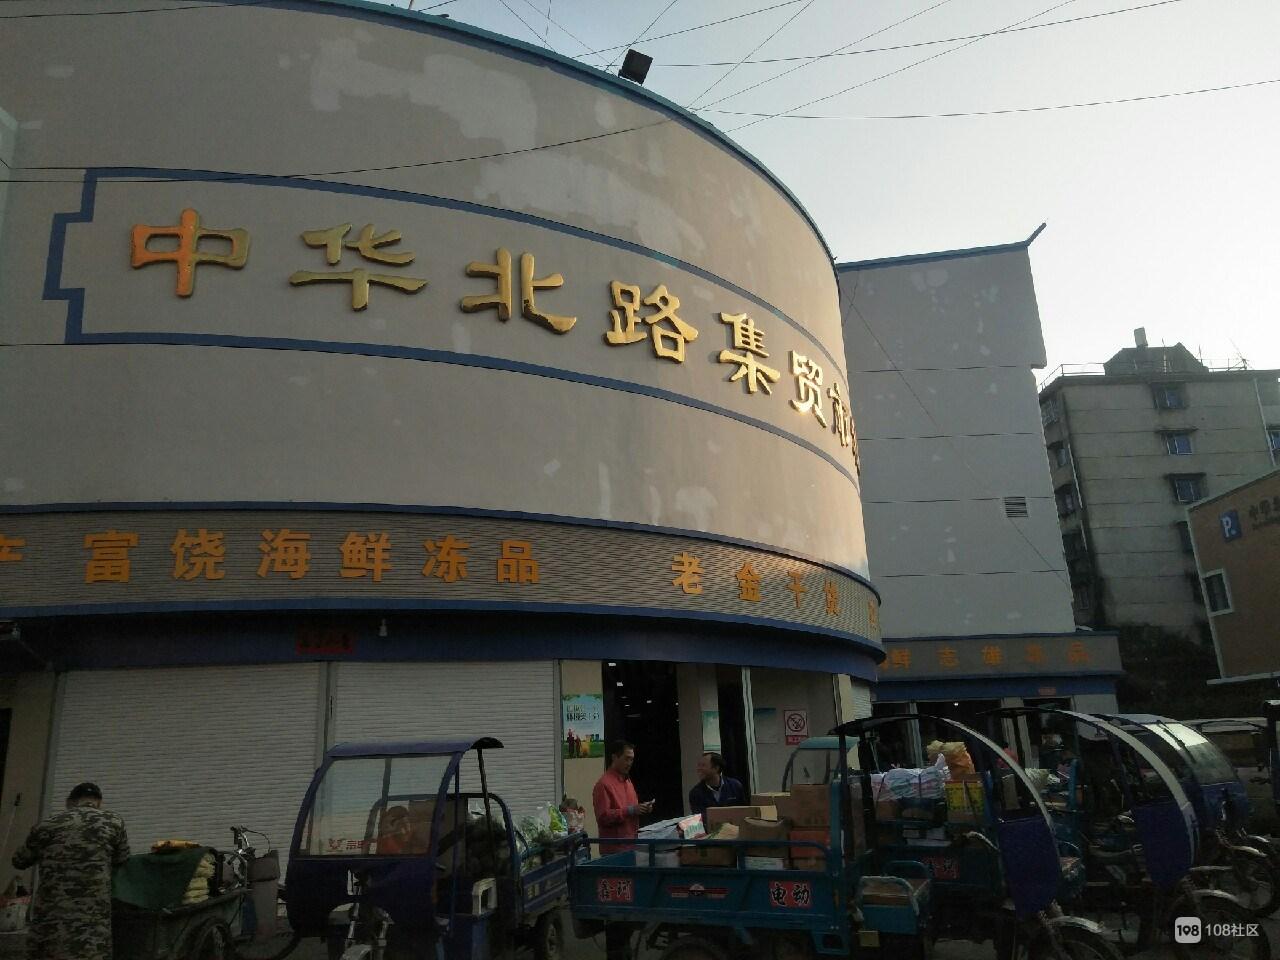 高大上!中华北路菜场有电梯还便宜 好几根排骨才50多元